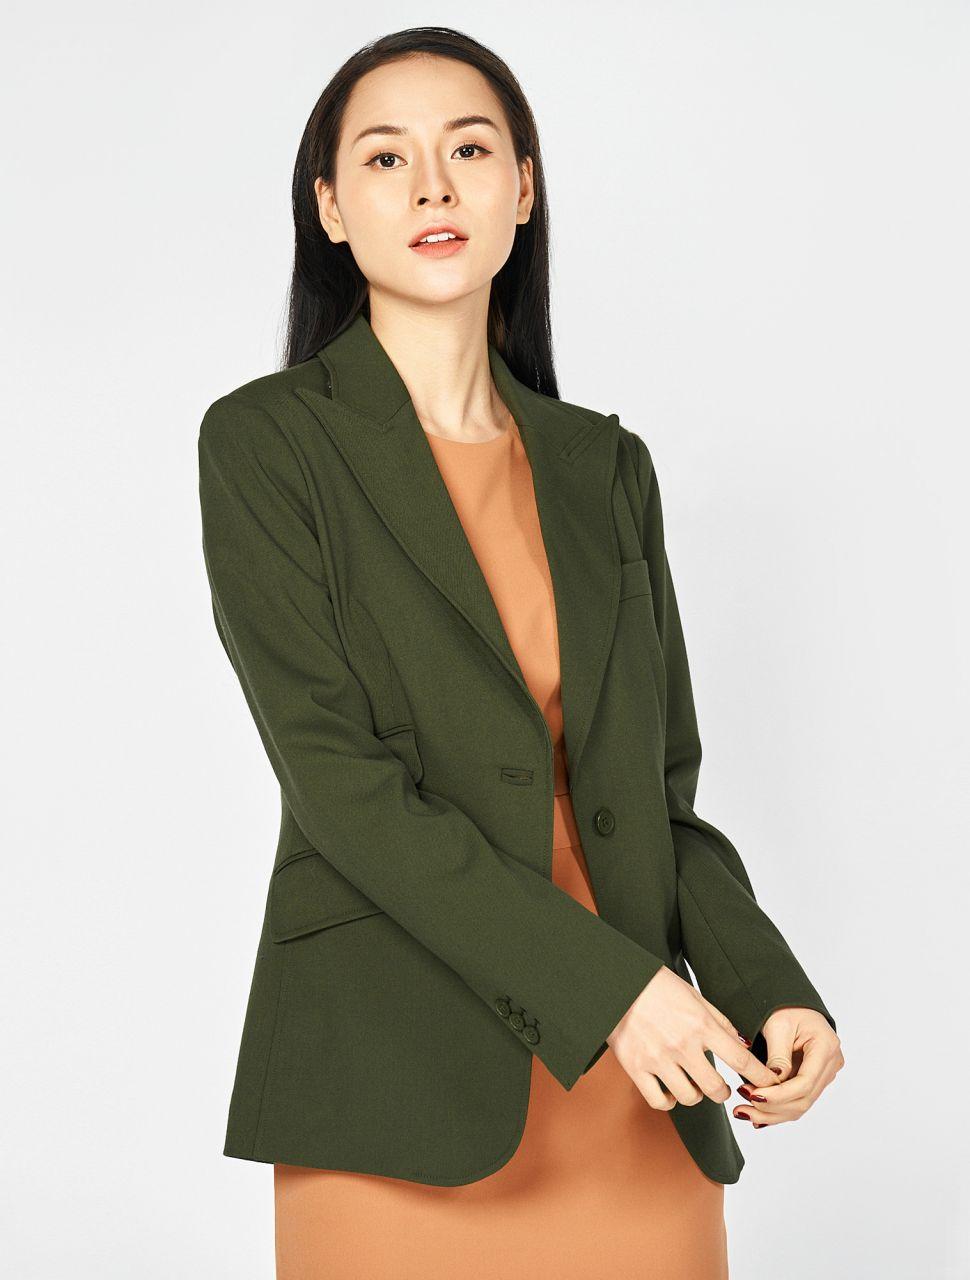 đồng phục vest nữ công sở